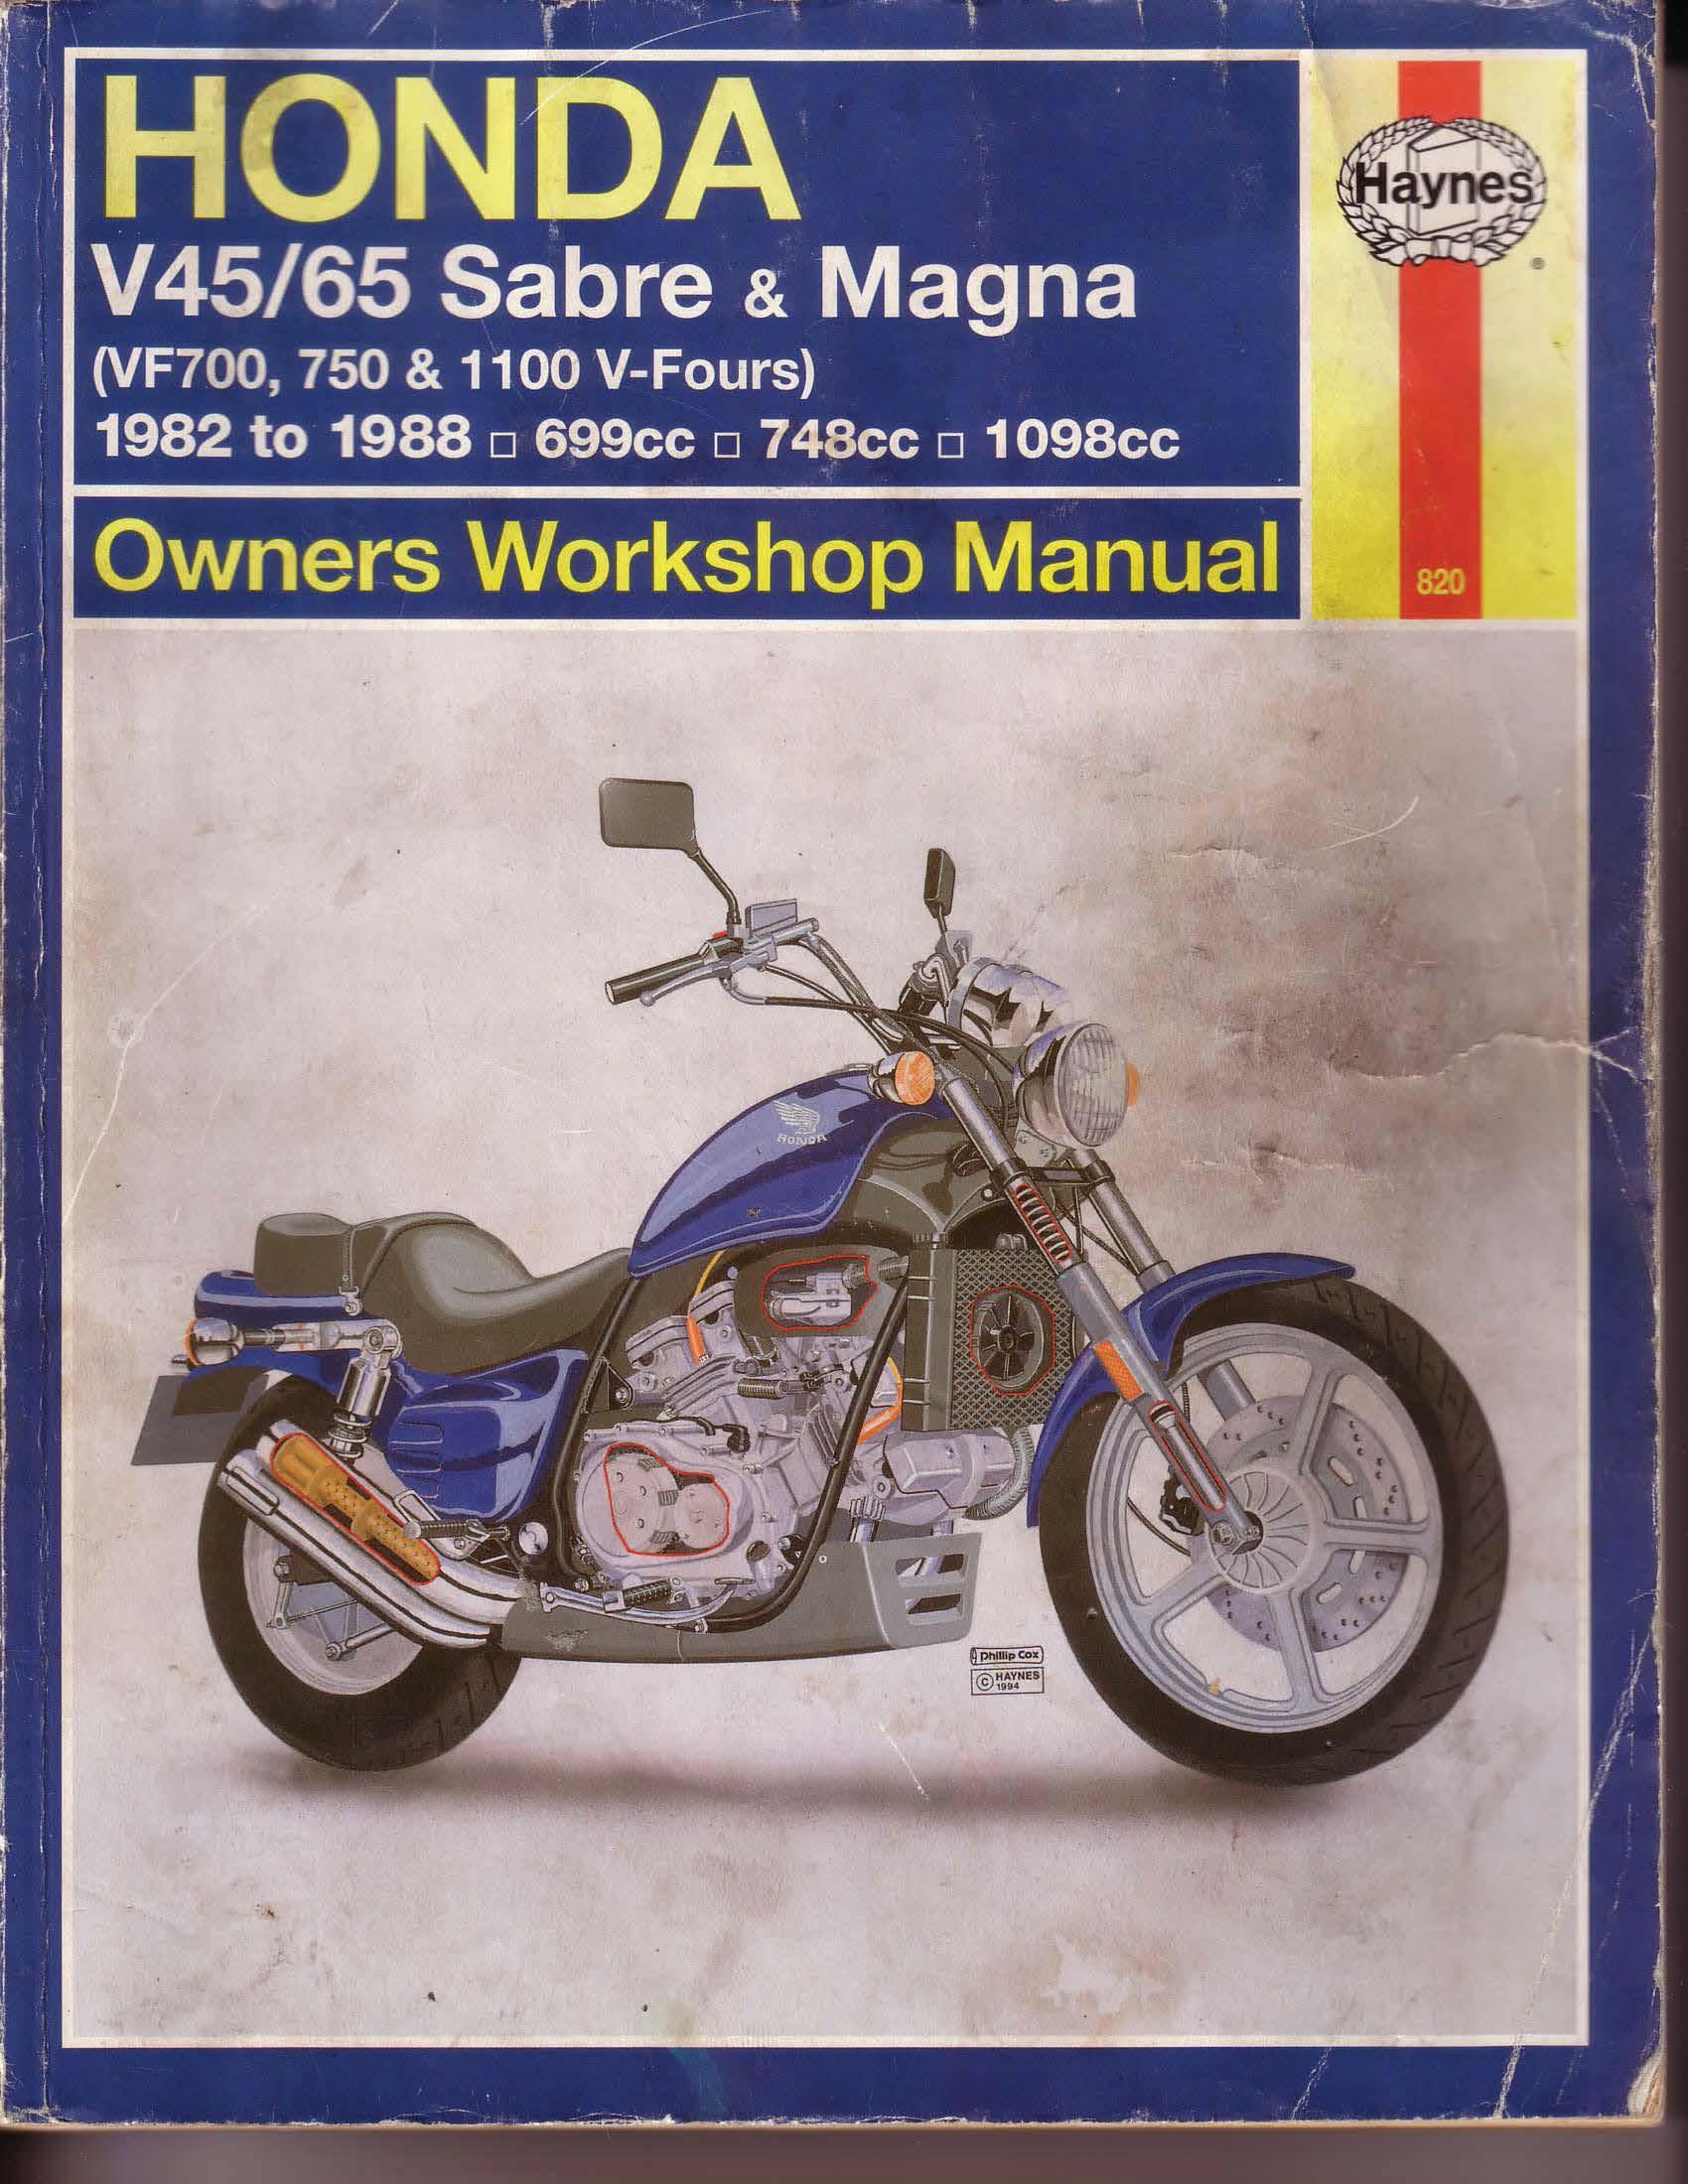 Workshopmanual for Honda VF750 V45/V65 - Sabre/Magna (1982-1988)